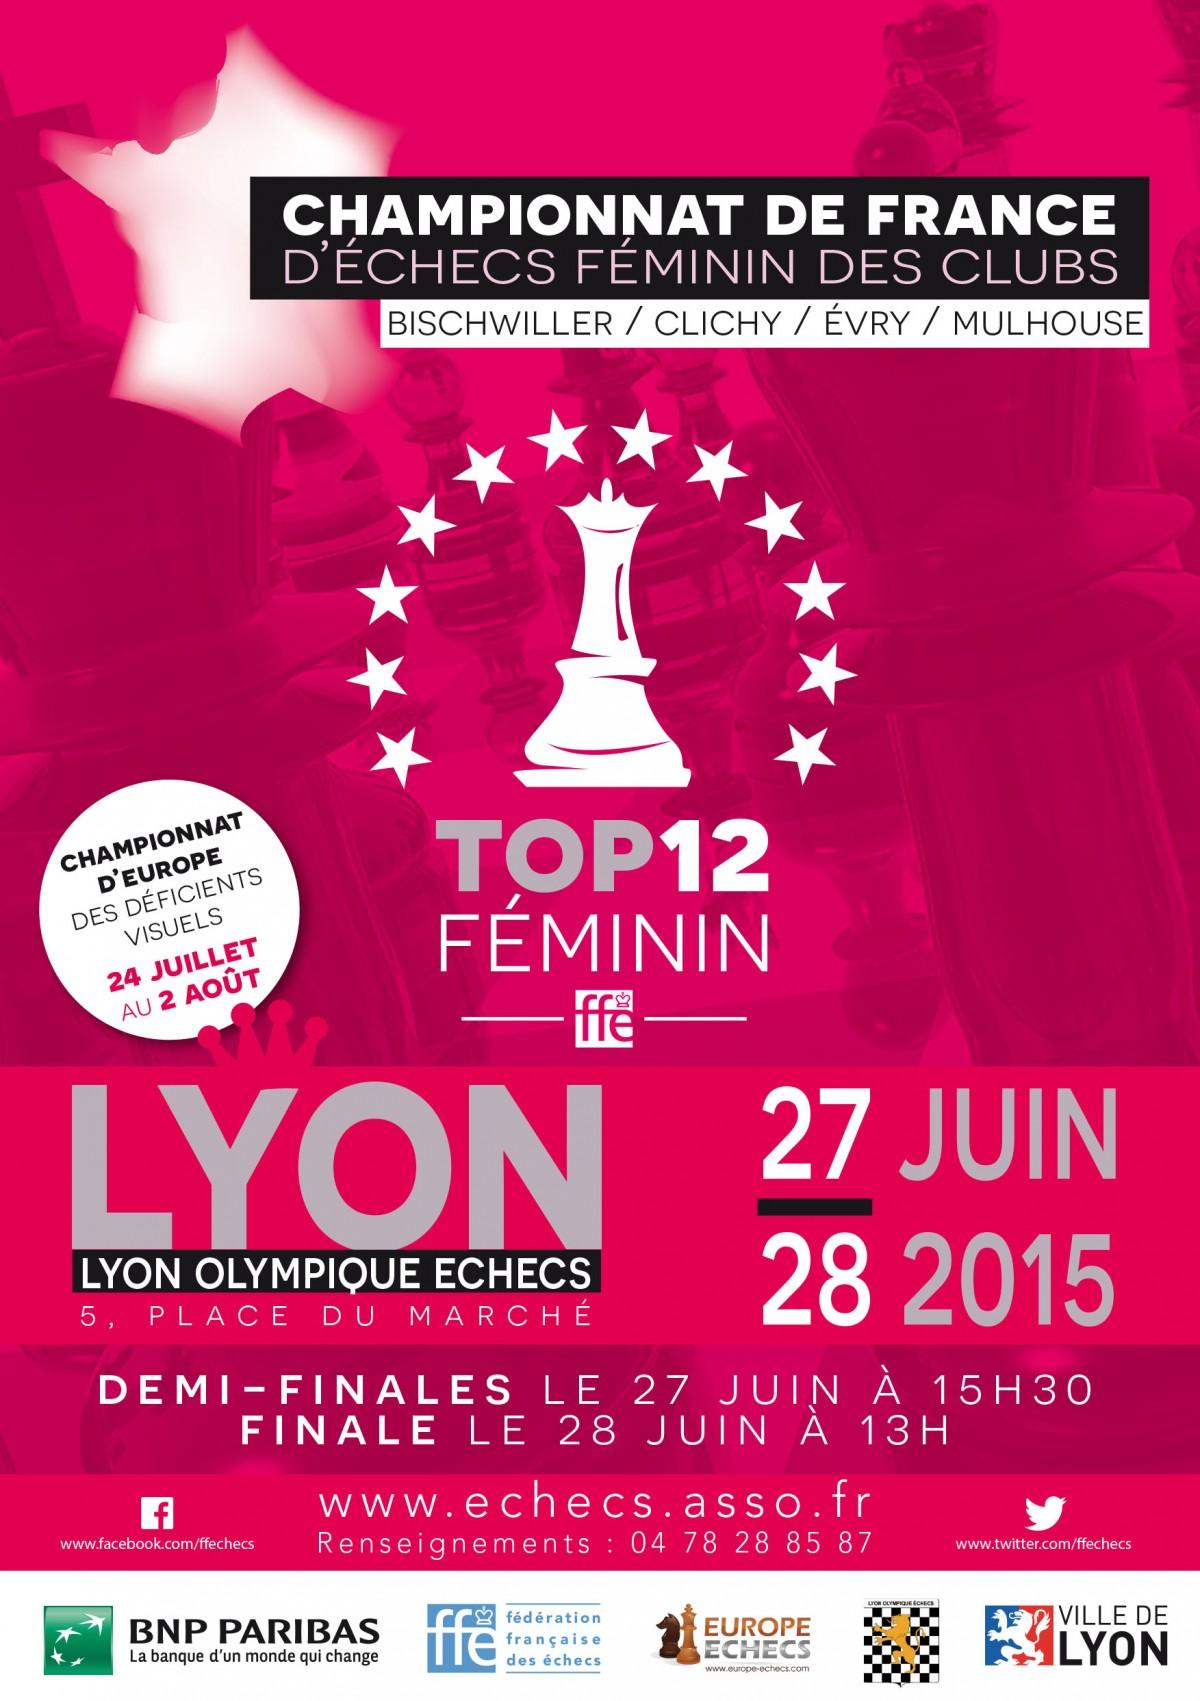 Affiche championnat de France Féminin 2015